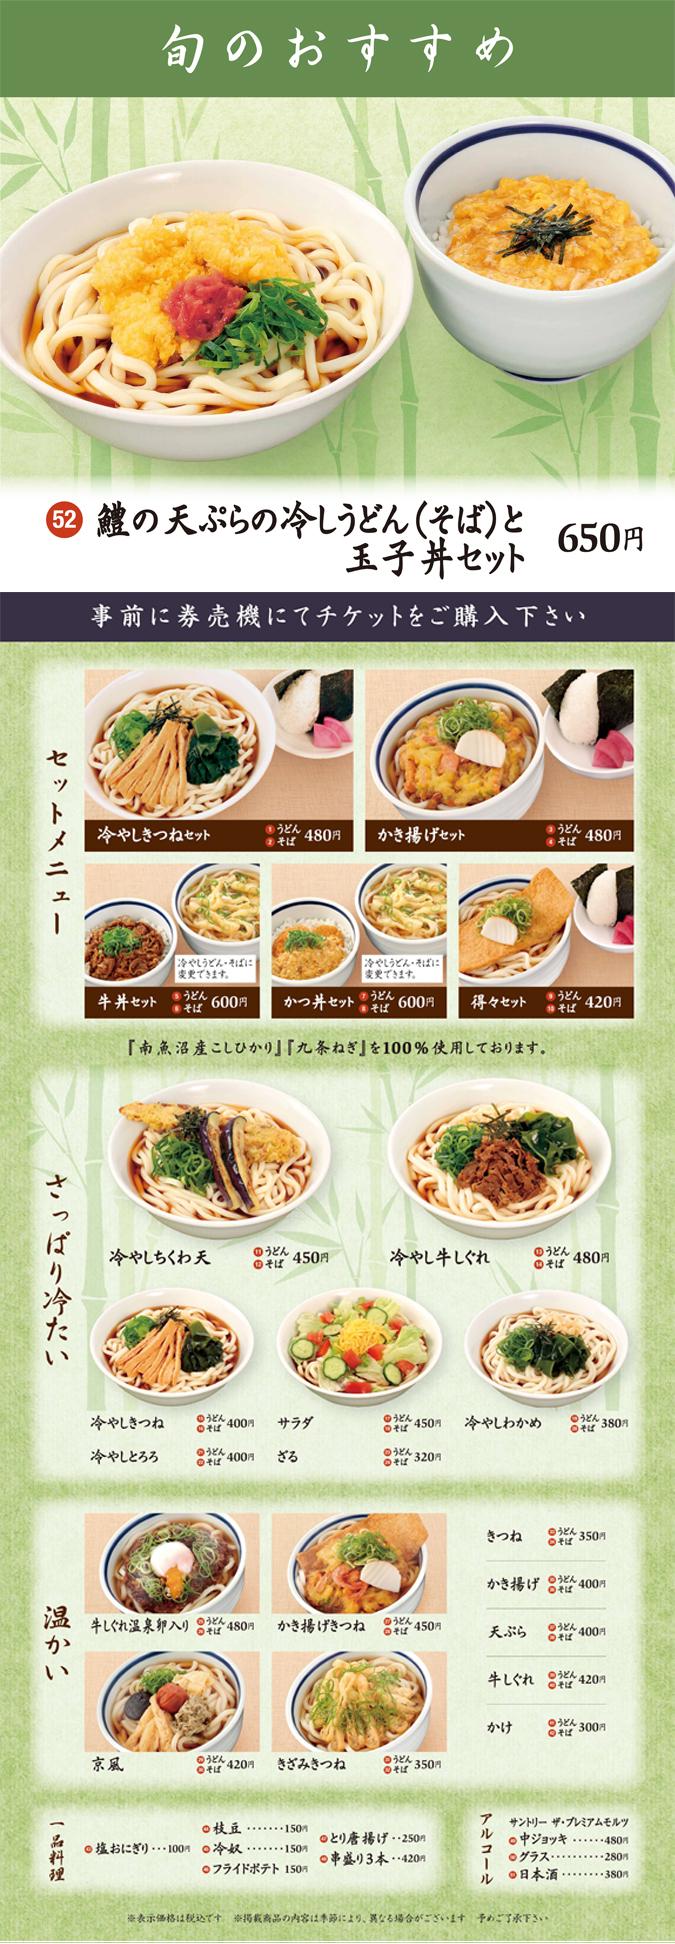 20120601 麺串 夏.jpg